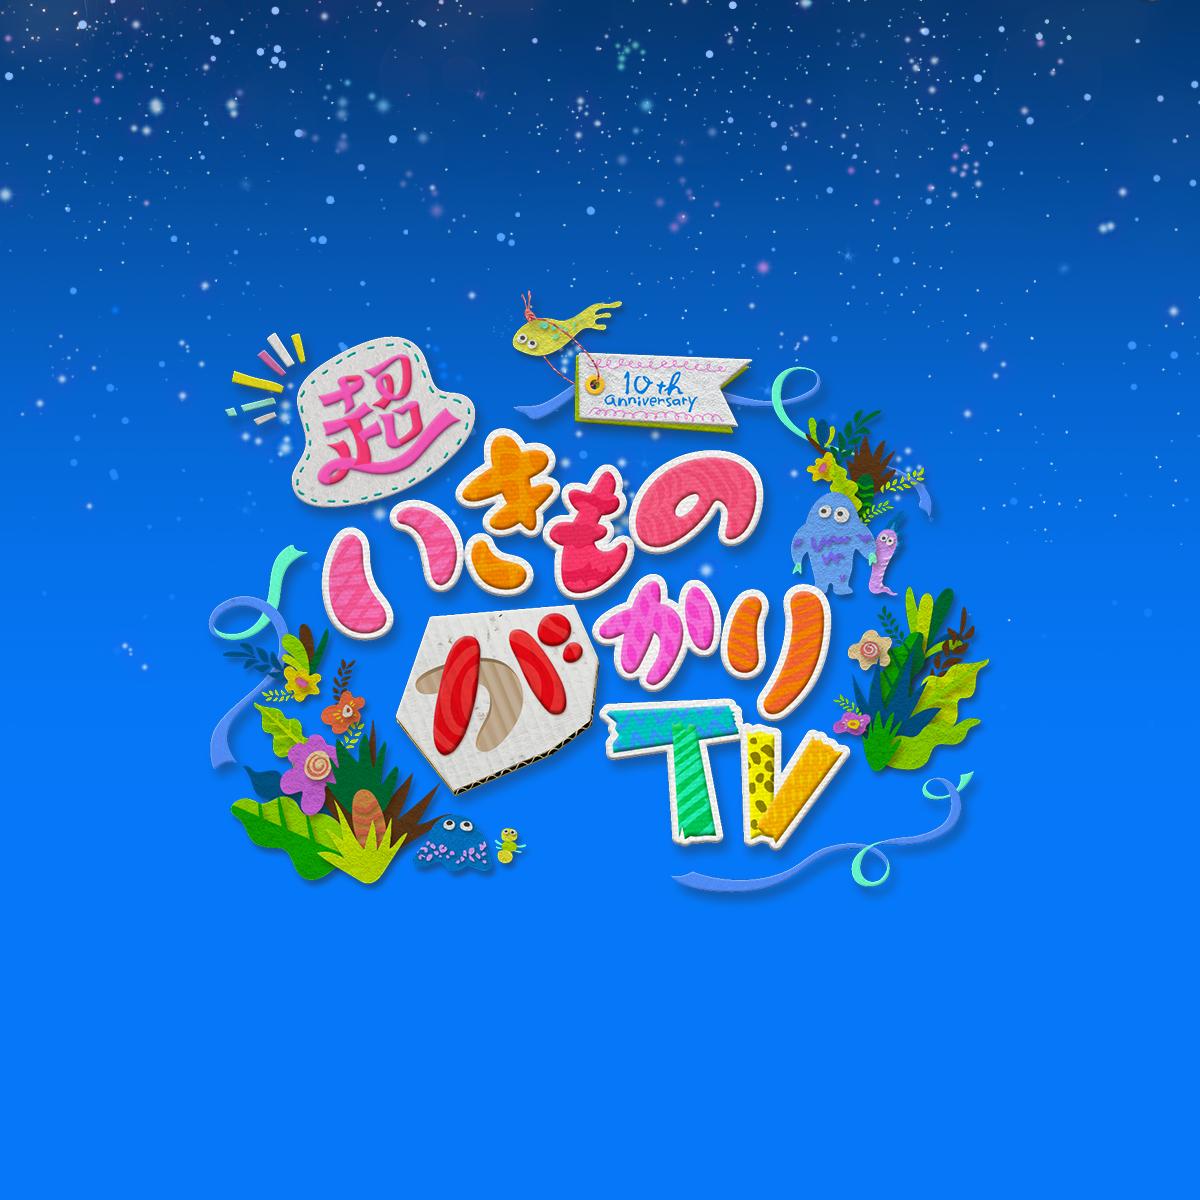 2016.07.12 全場(超いきものバかりTV~いきものがかりありがとうのサプライズ~ 拡大版).logo